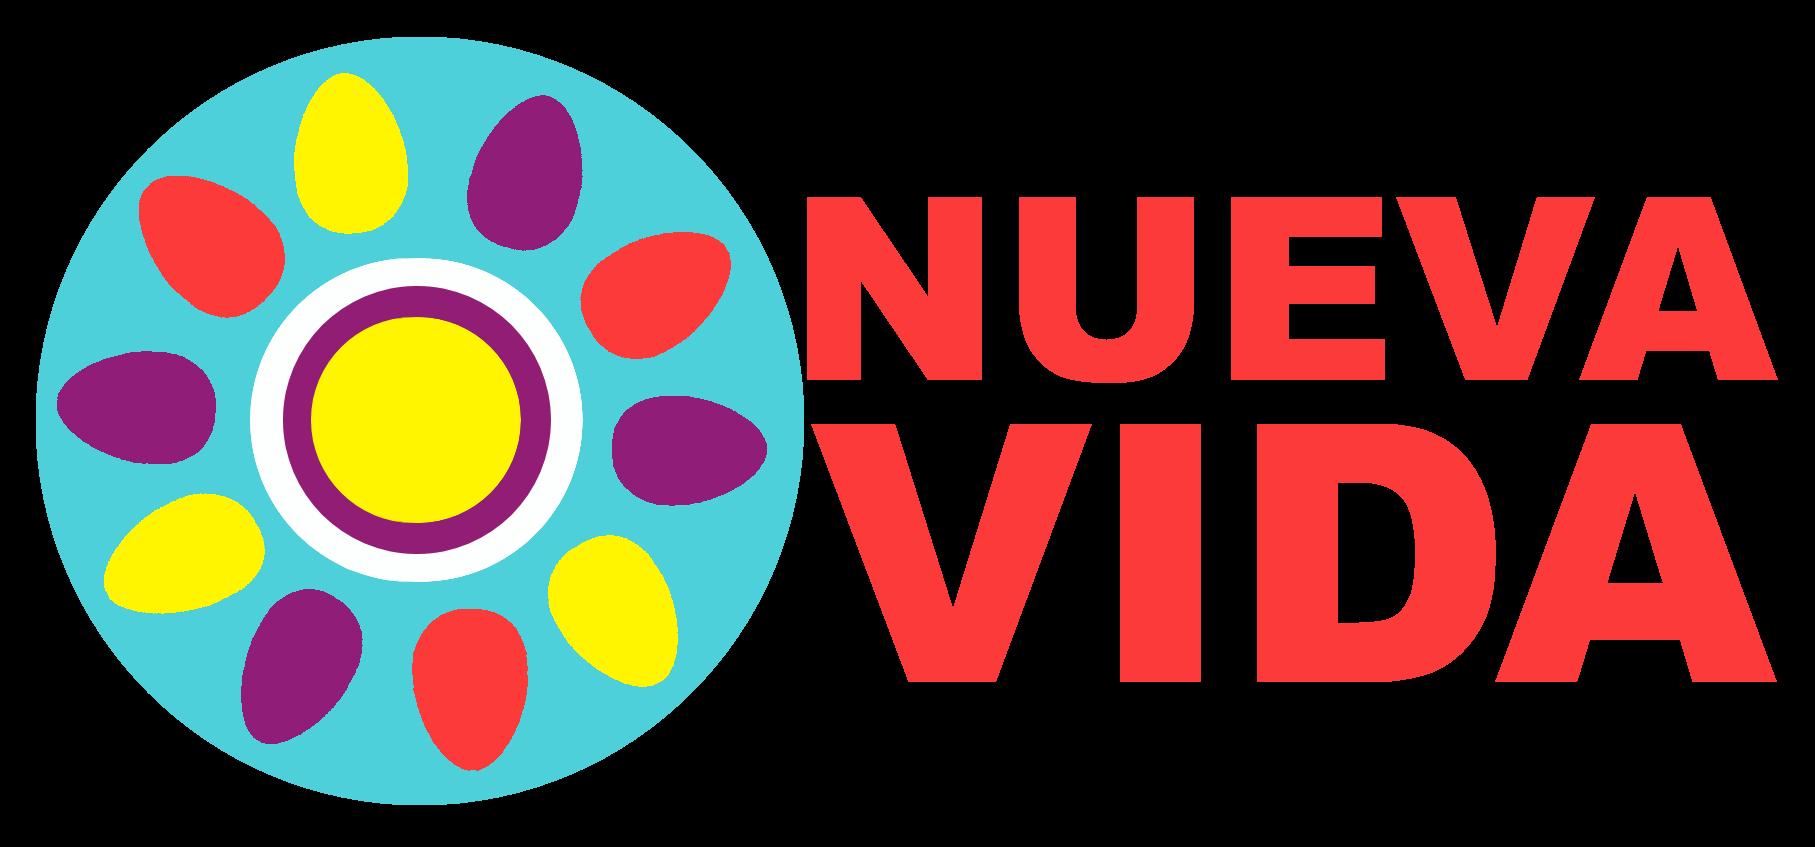 Nueva Vida Logo Transparent Background High Resolution